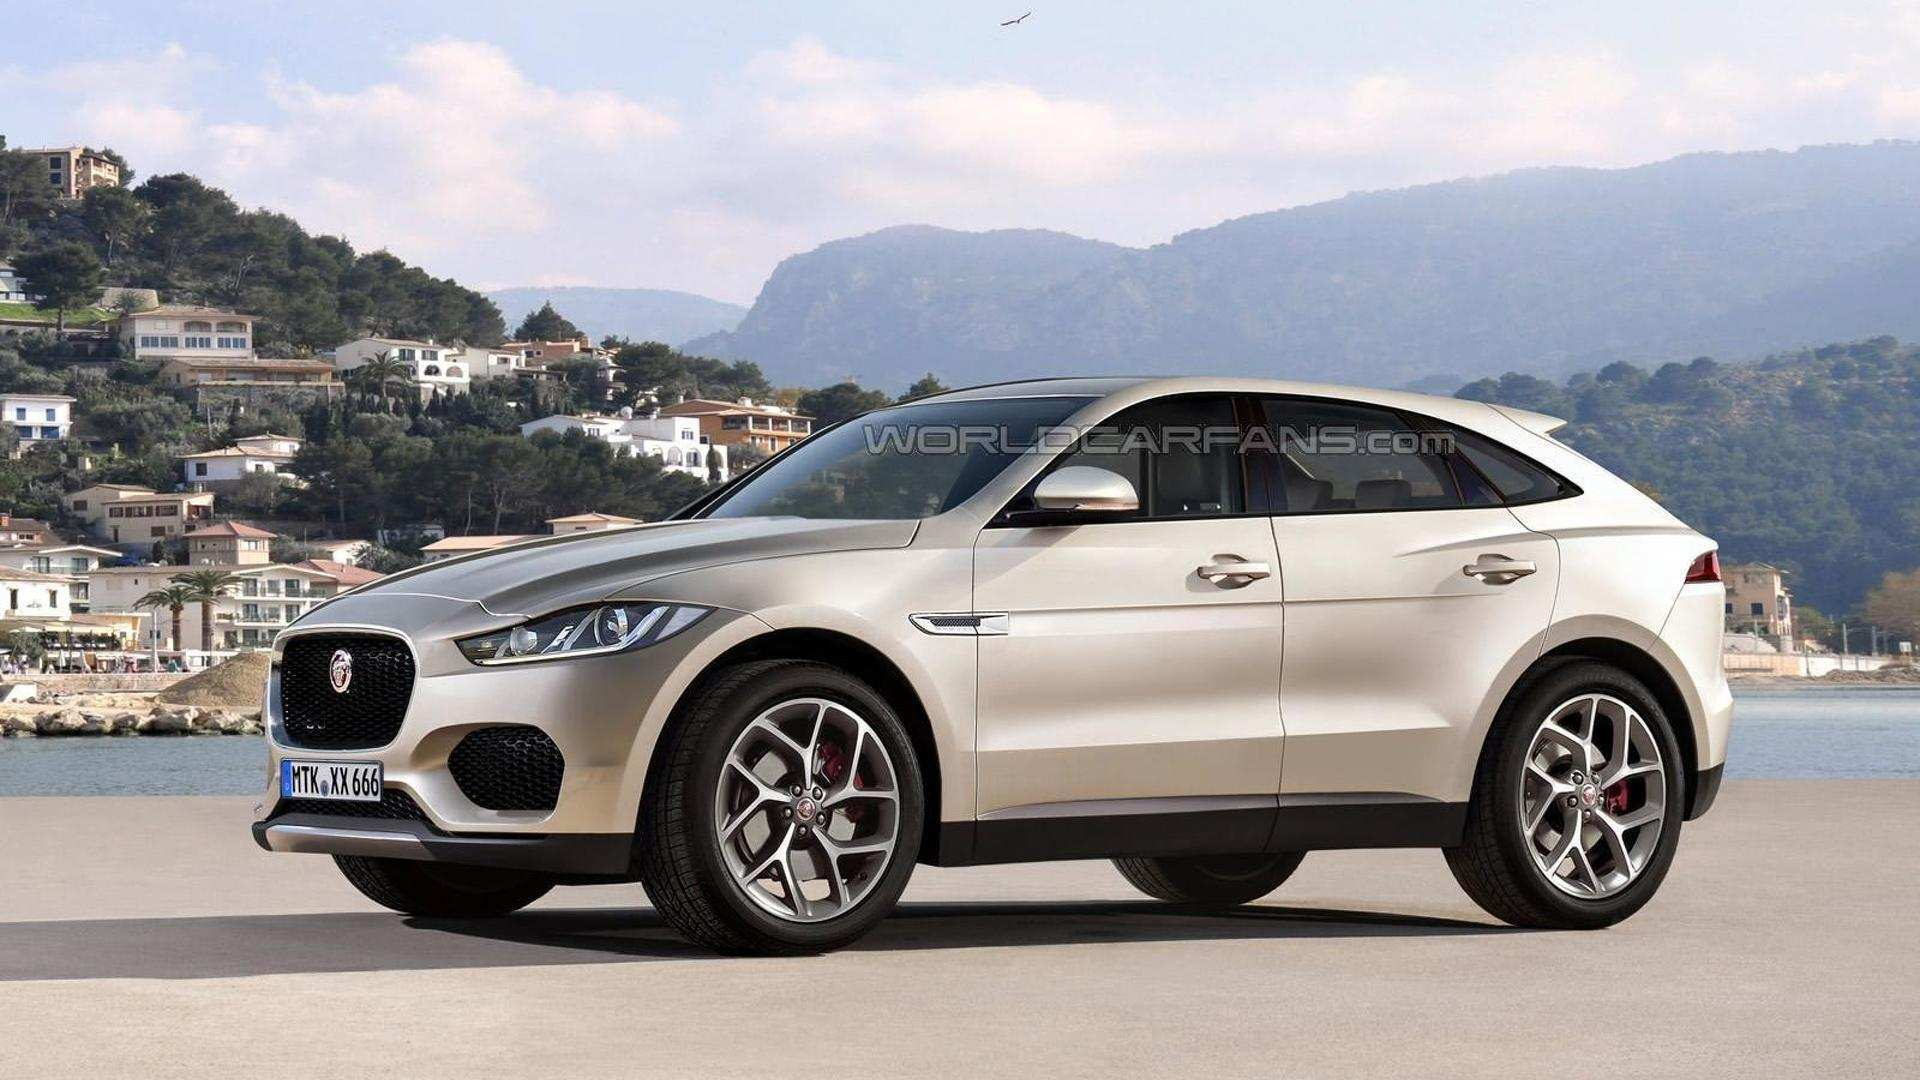 92 Best Review 2020 Jaguar I Pace New Concept for 2020 Jaguar I Pace